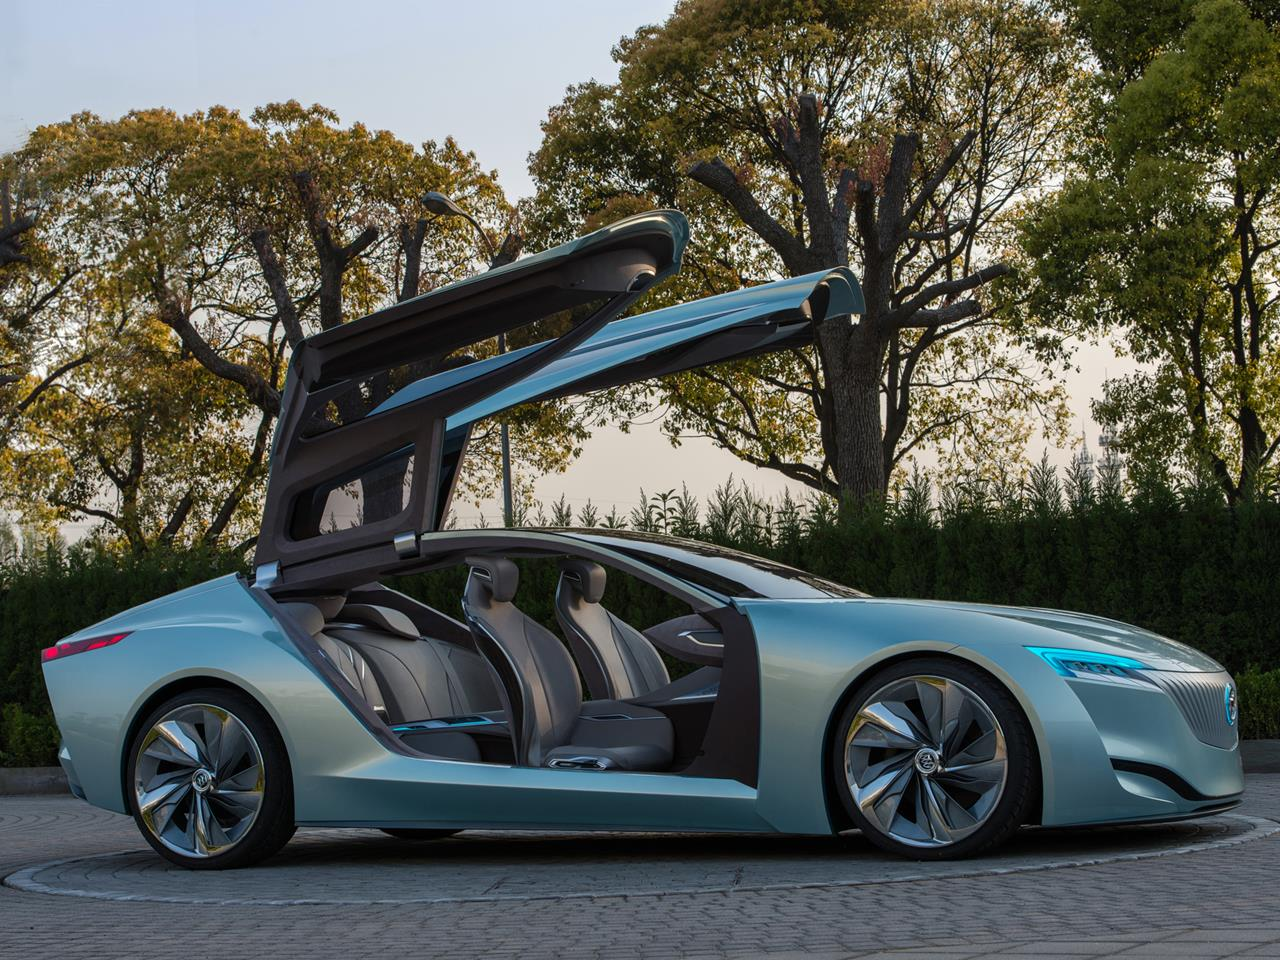 Buick Riviera Smart Concept Car Hits The Floor Xcitefun Net